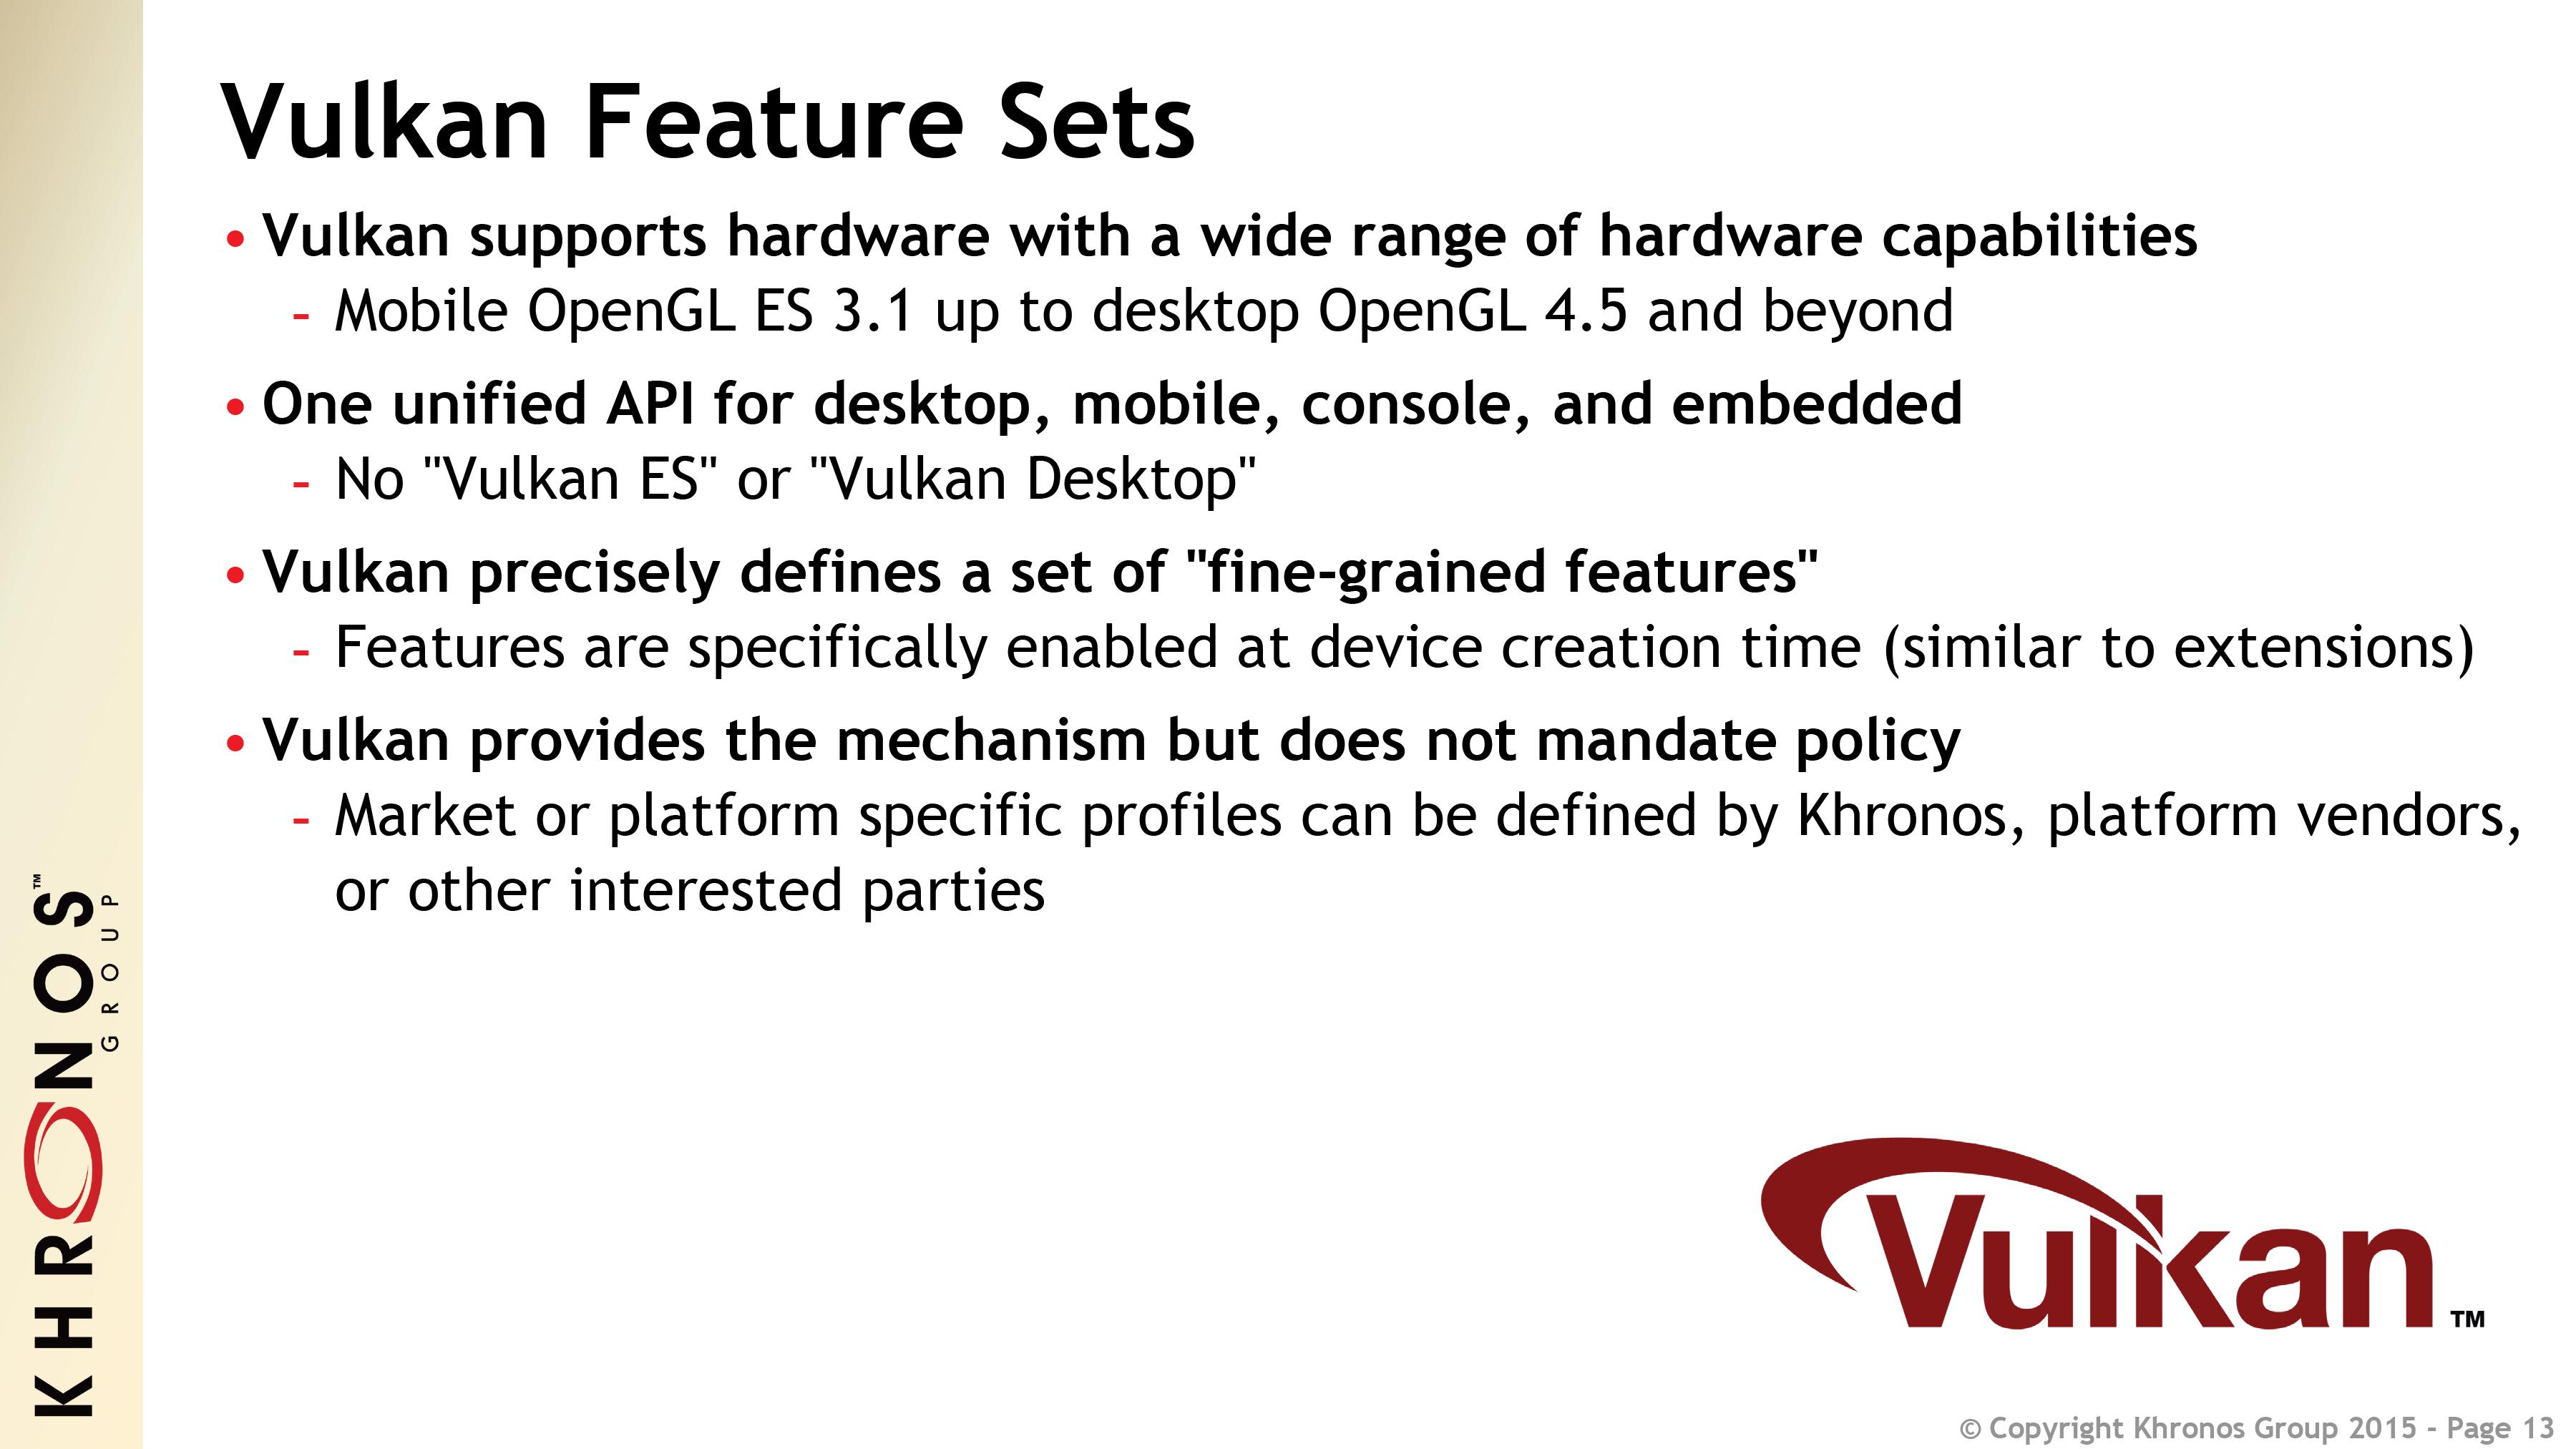 VulkanFeatureSets.png